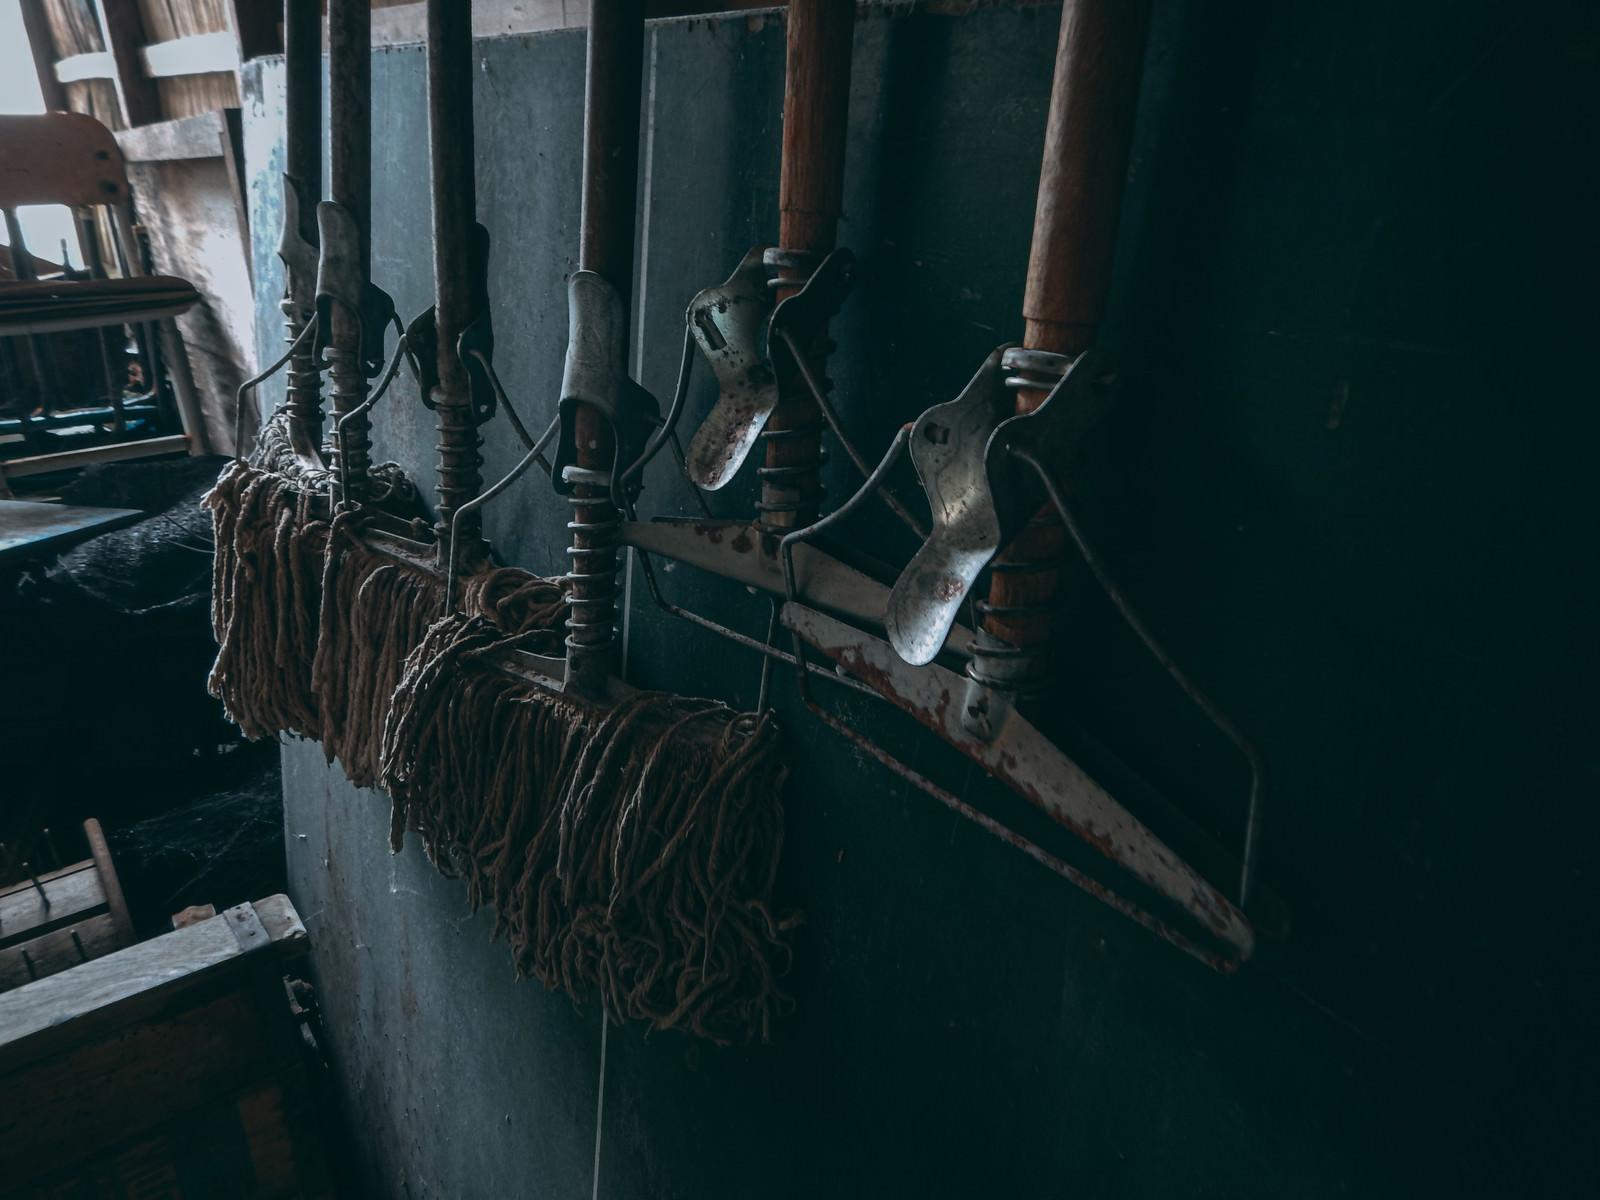 「壁に吊るされたモップ(廃墟)」の写真